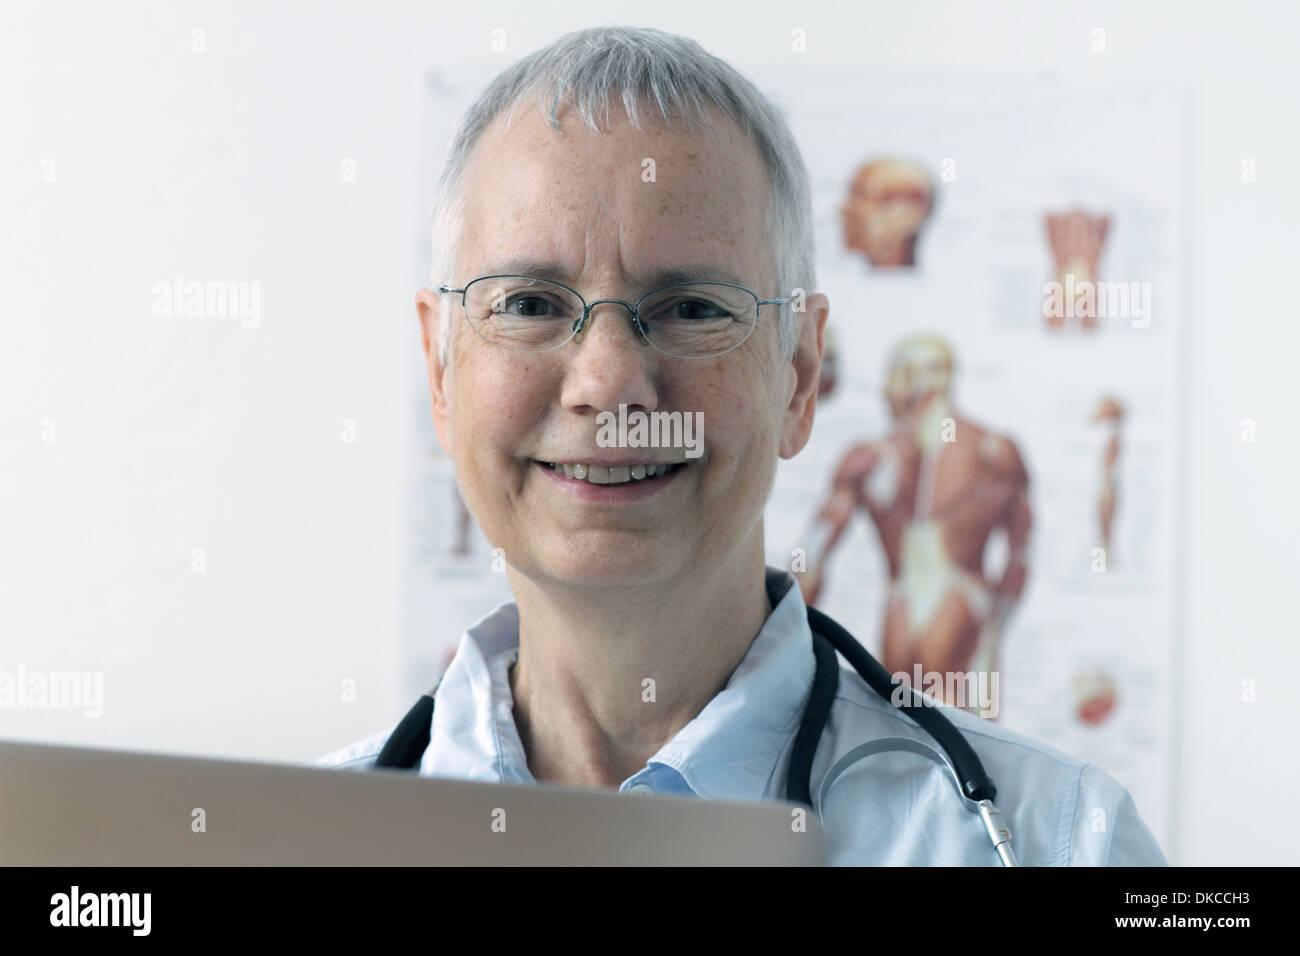 Une femme avec un rire doc muscle humain personne poster à l'arrière-plan et d'un ordinateur portable Photo Stock